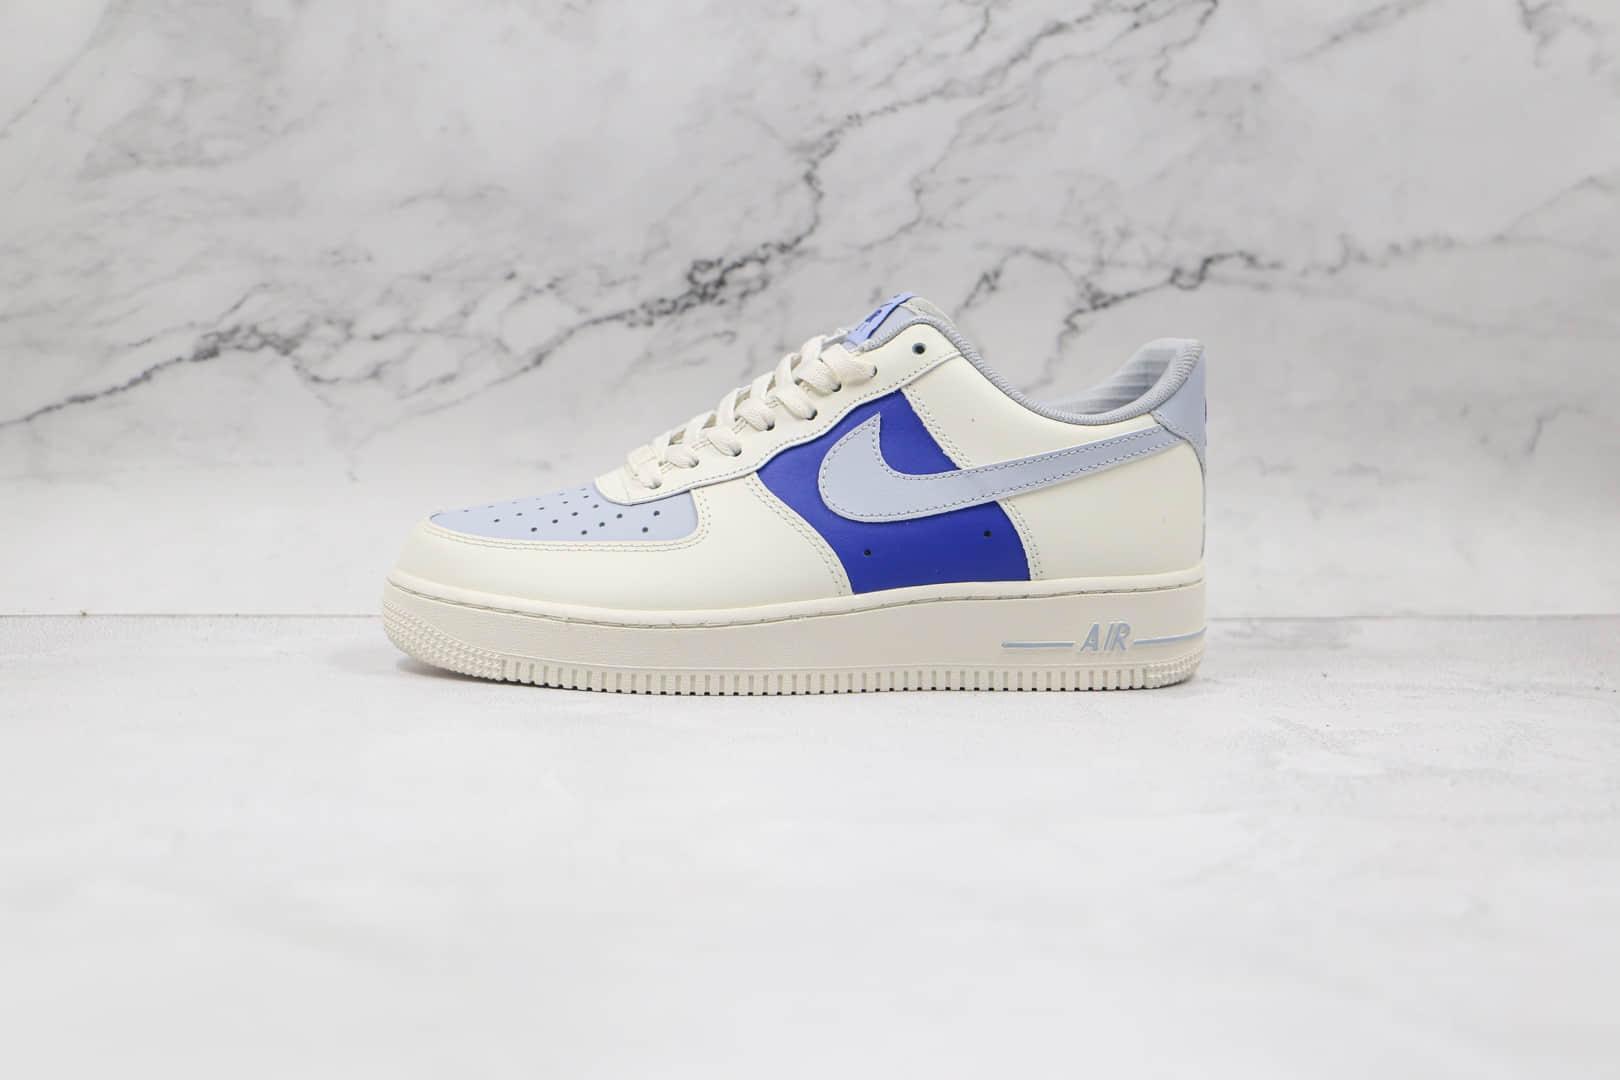 耐克Nike AIR FMRCE 1纯原版本低帮空军一号白蓝色板鞋内置气垫 货号:AQ3778-988